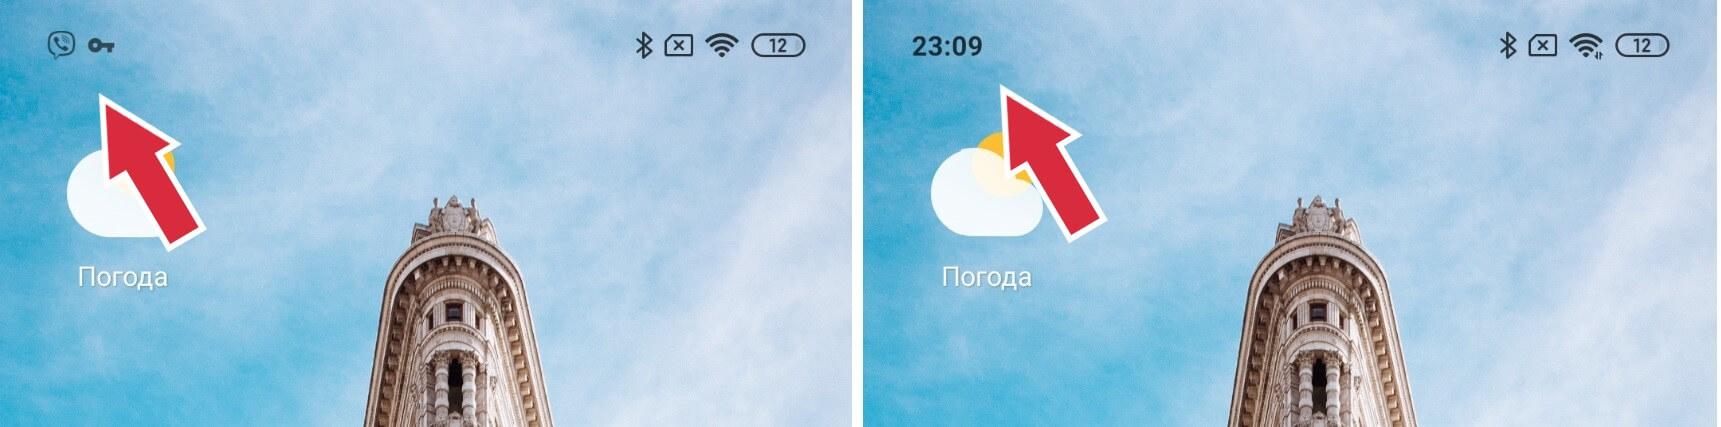 Иконки уведомлений скрываются в Redmi Note 7